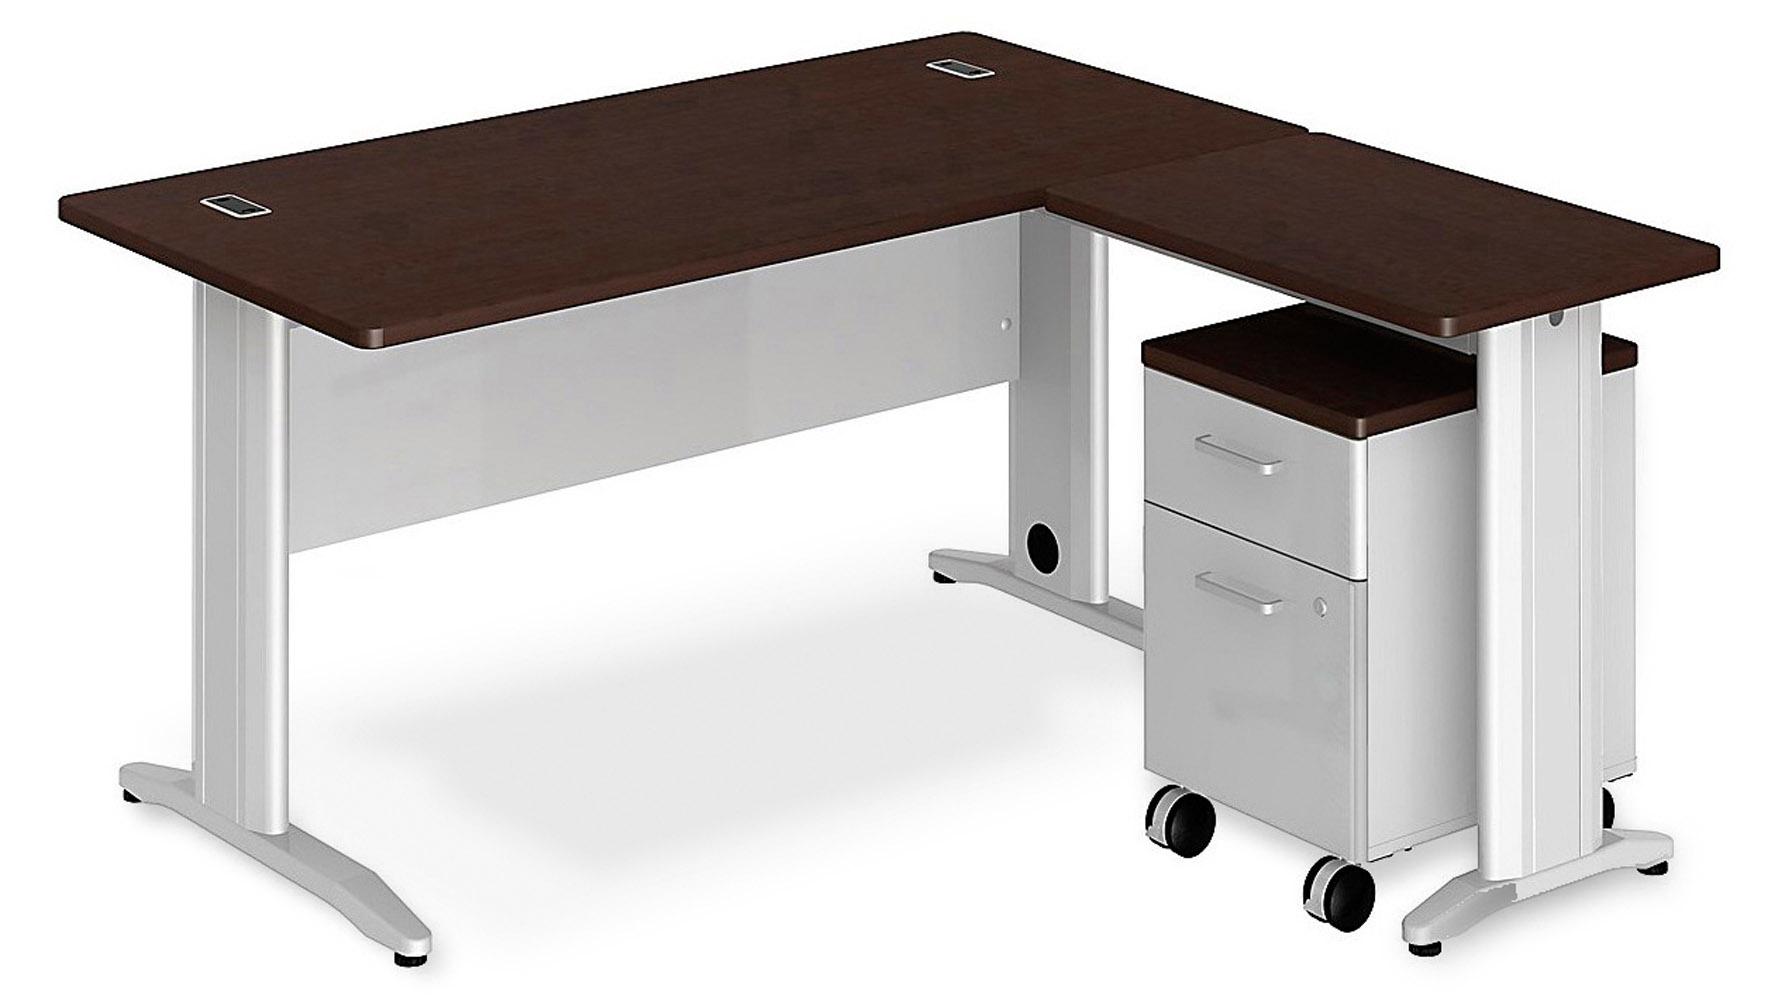 Sector l desk mobile pedestal zuri furniture - Mobile office desk ...